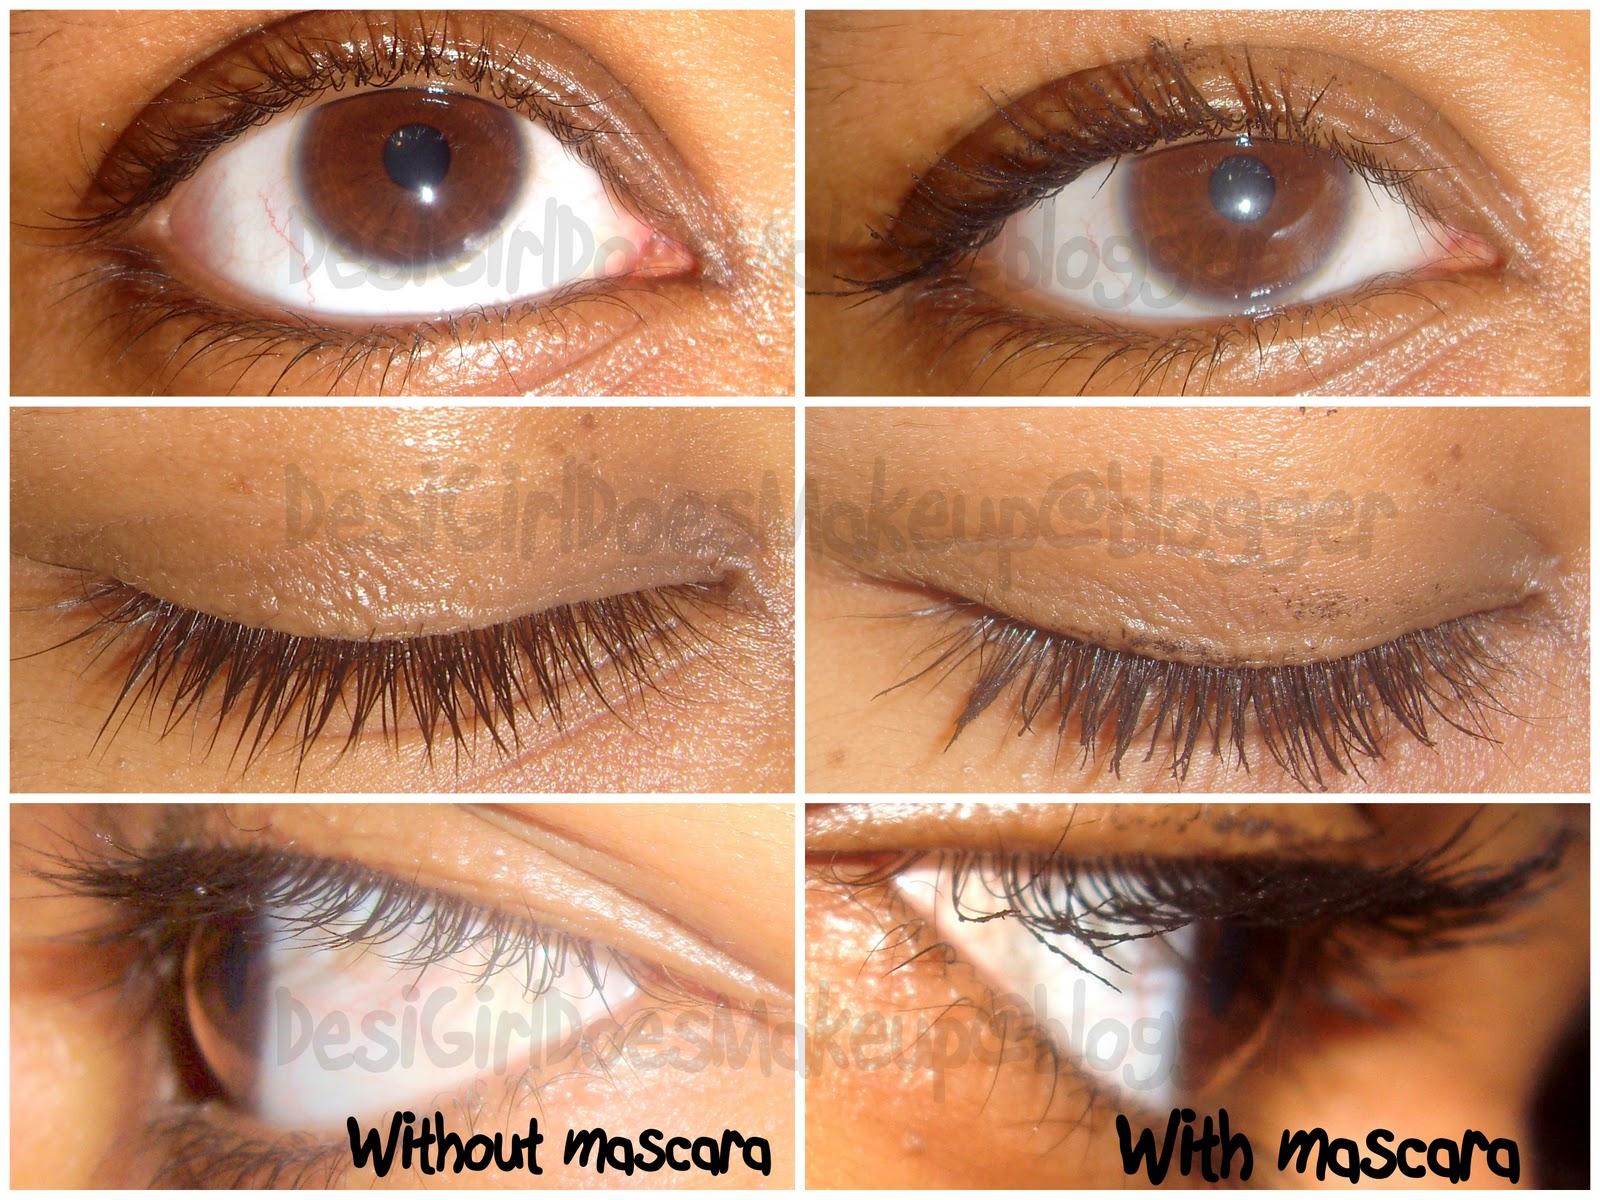 Desi Girl Does Makeup Review Revlon Grow Luscious Mascara